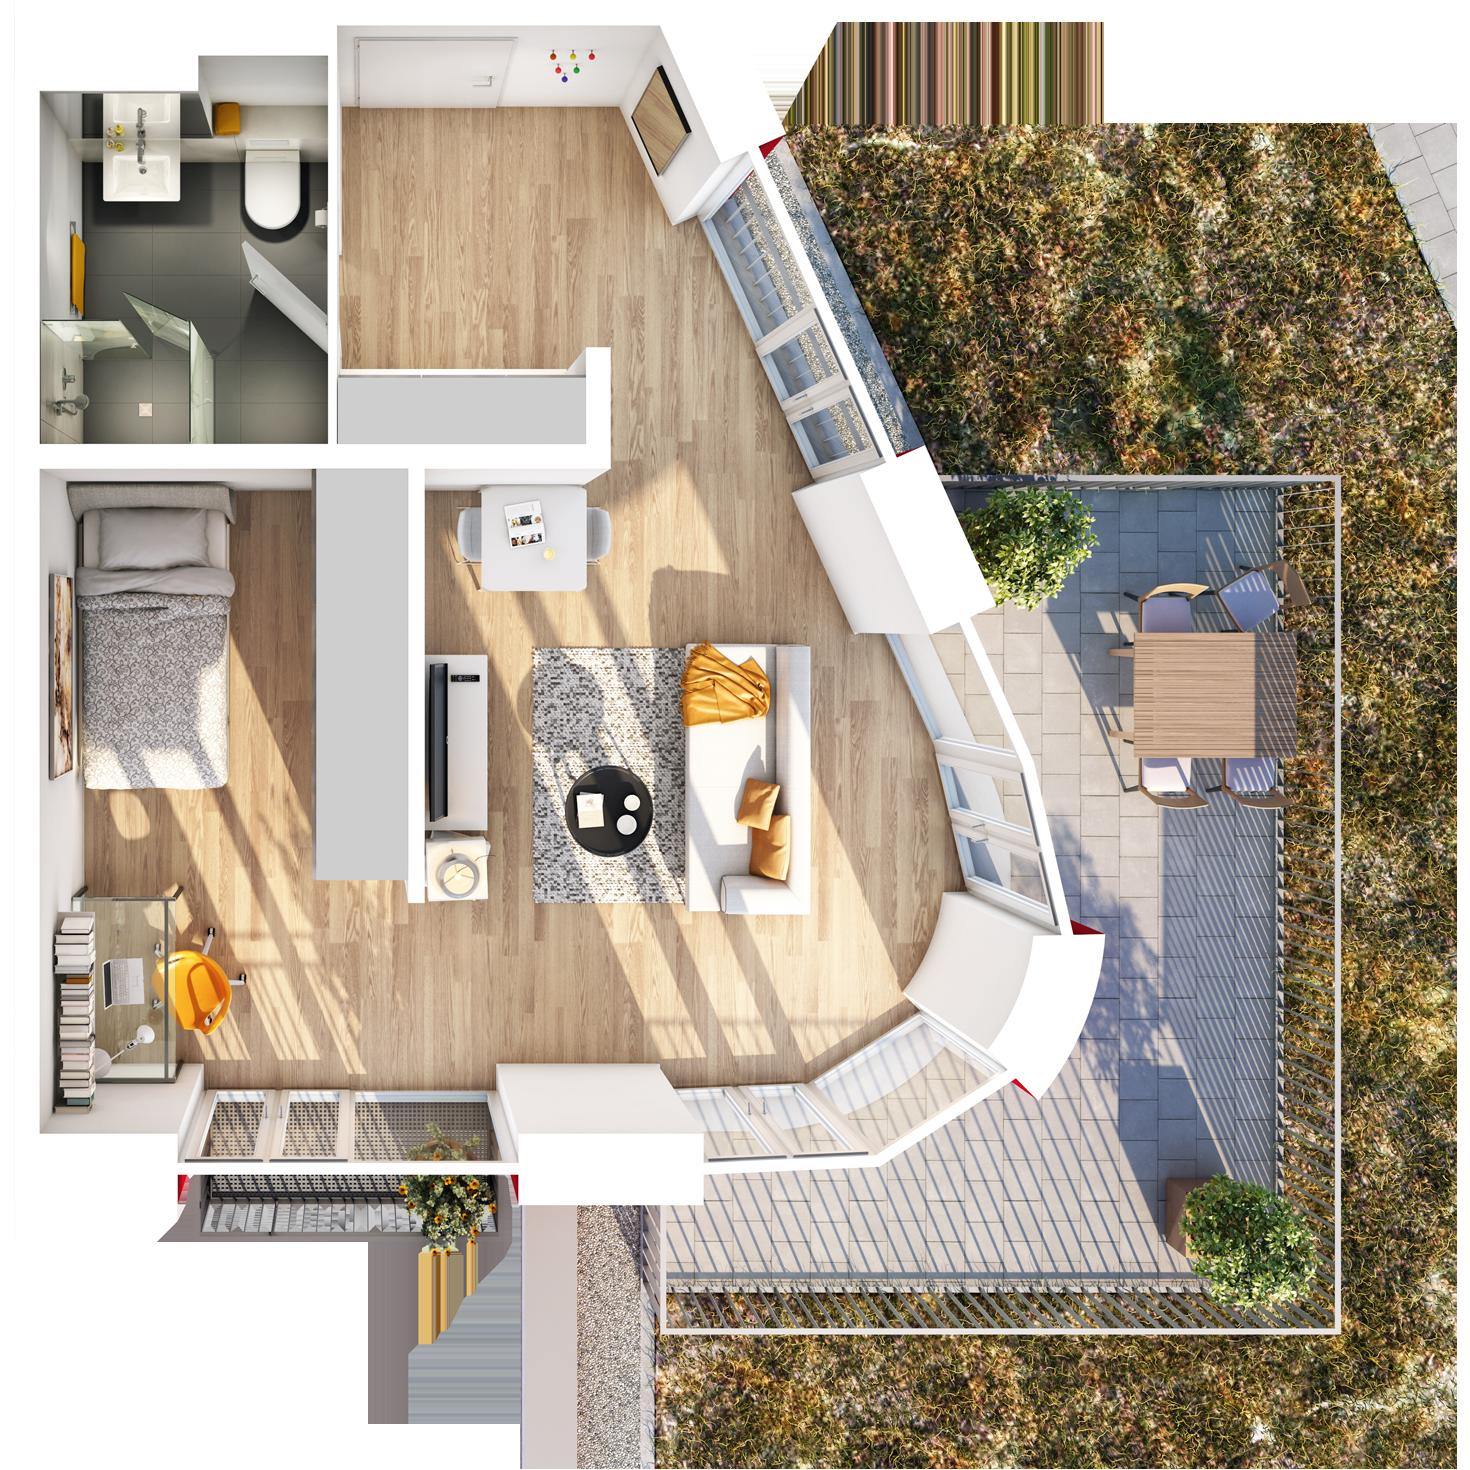 Visualisierung Beispiel 1,5-Zimmer-Wohnung Typ E mit Bad, abgetrennter Küche, geteiltem großen Wohn- und Schlafbereich sowie Dachterrasse und Balkon im studiosus 5 Apartmenthaus in Augsburg